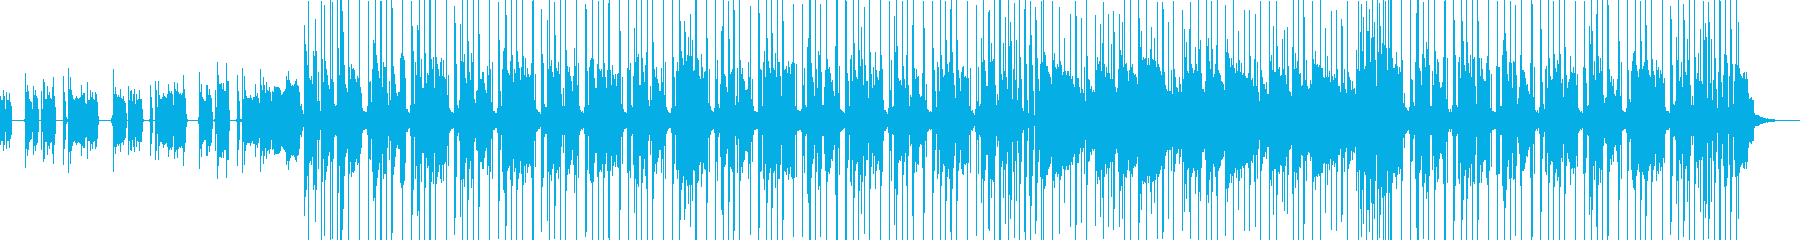 昔の探偵モノ刑事モノ風ファンクの再生済みの波形